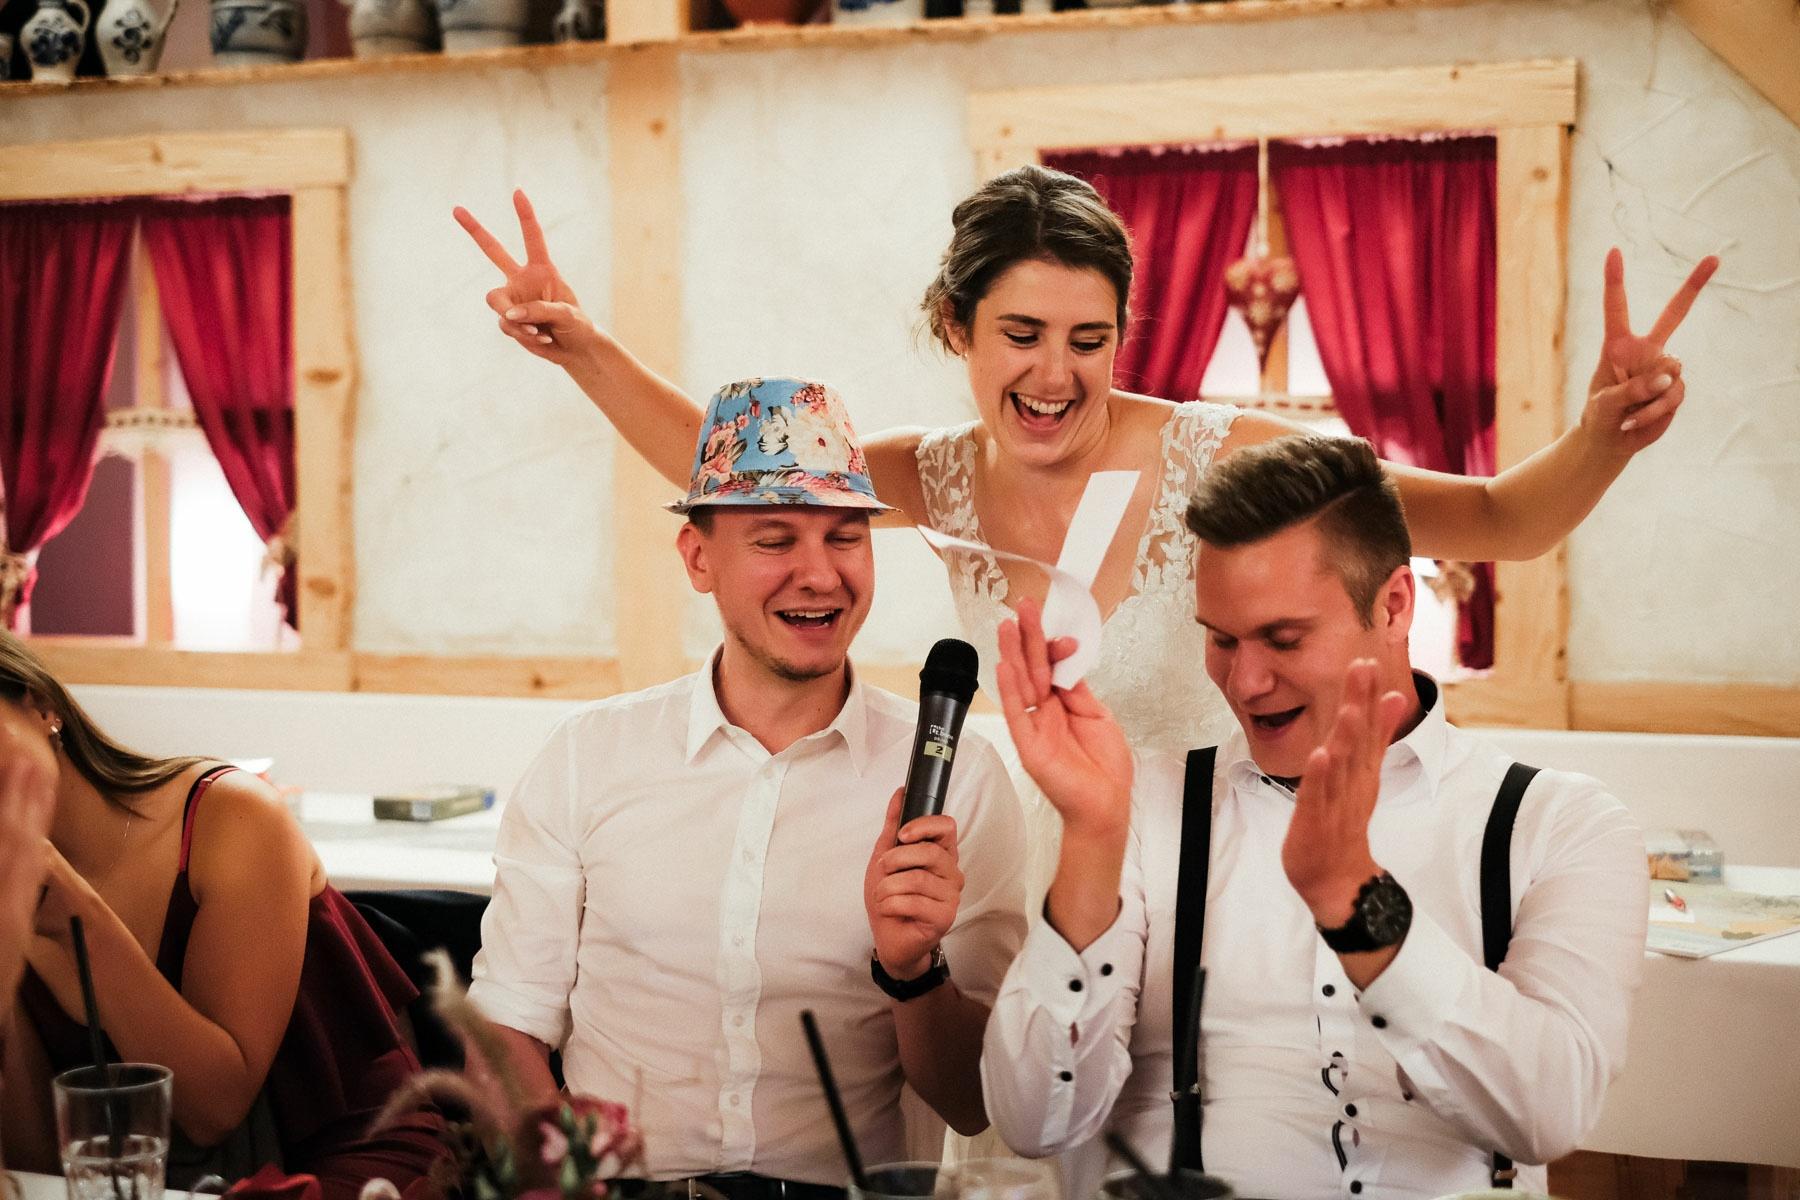 Hochzeitsreportage KirchlicheTrauungKiller BeatriceSven Hochzeitsfotograf authentische Fotos Albstadl MarcusBraun Fotografie www.mb fotografie.de 033 - Beatrice & Sven Hochzeitsreportage in Killer & Schaebischer Albstadl.